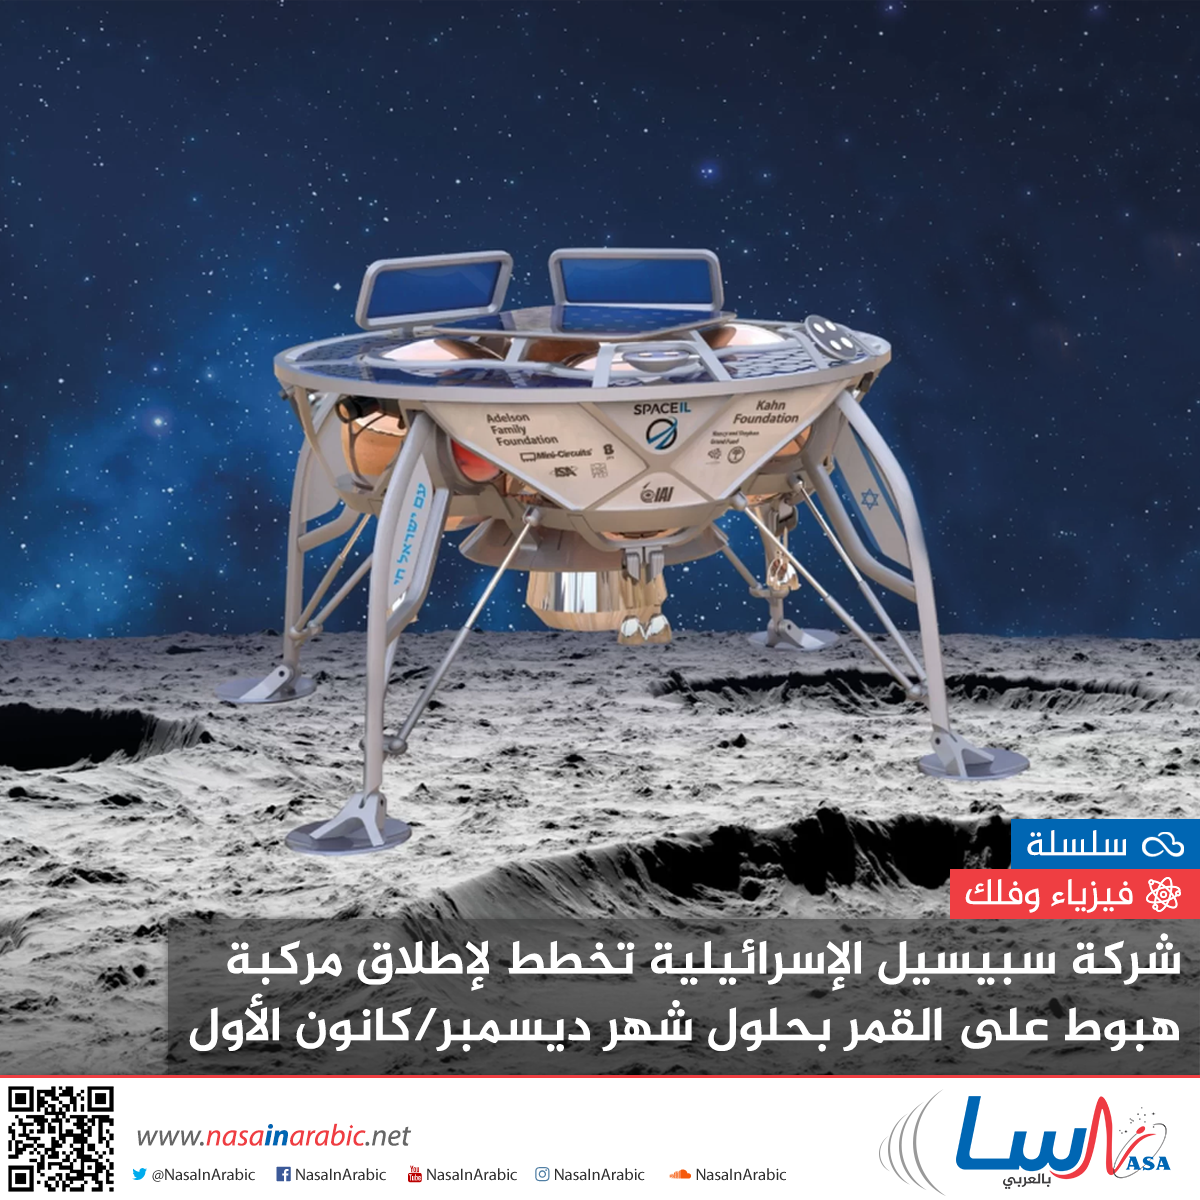 شركة سبيسيل الإسرائيلية تخطط لإطلاق مركبة هبوط على القمر بحلول شهر ديسمبر/كانون الأول